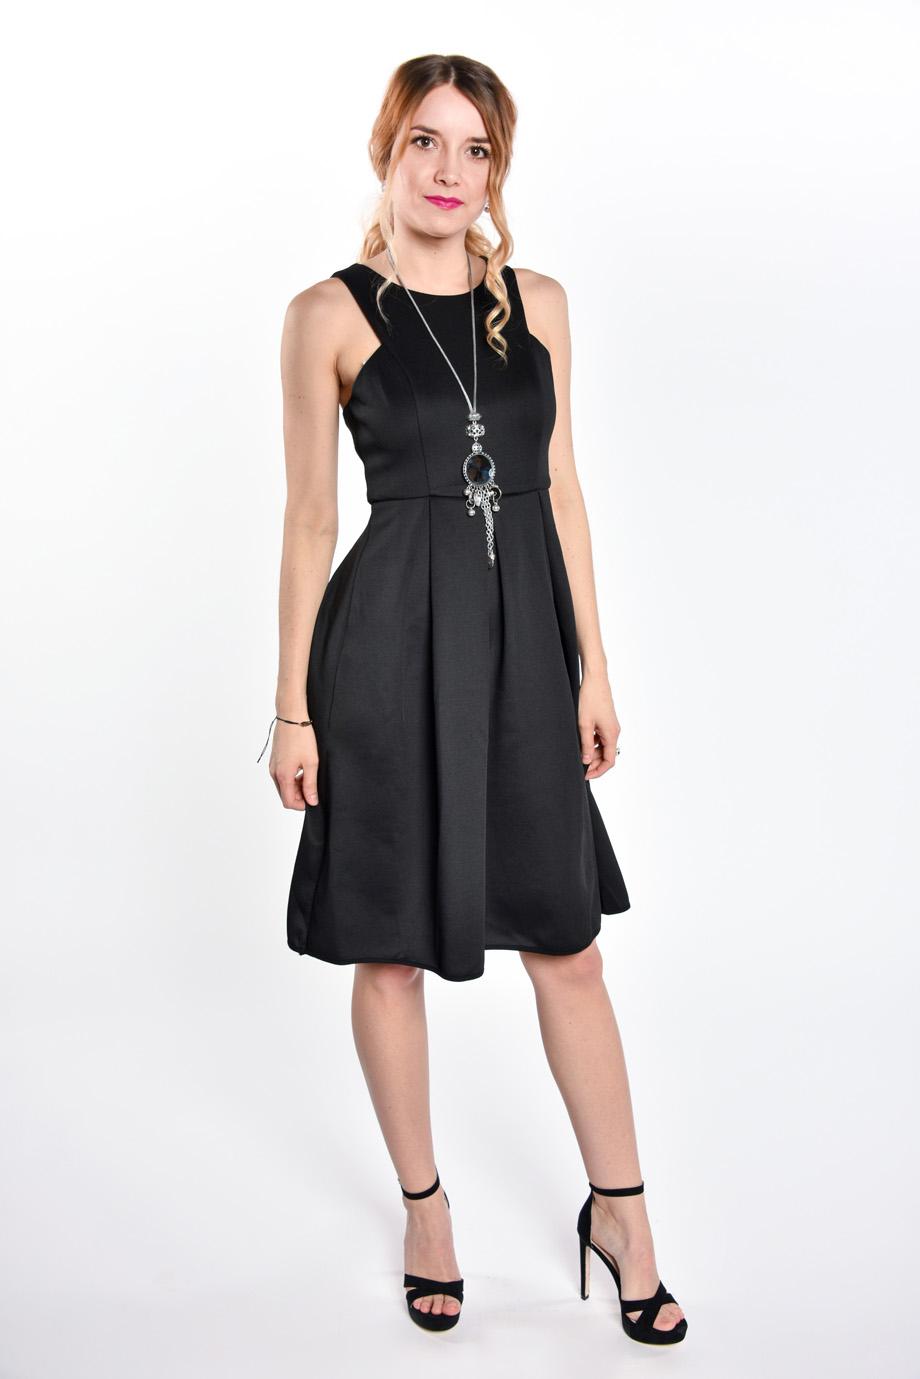 obrázok 4 Čierne koktejlové midi šaty c97da3c5e55